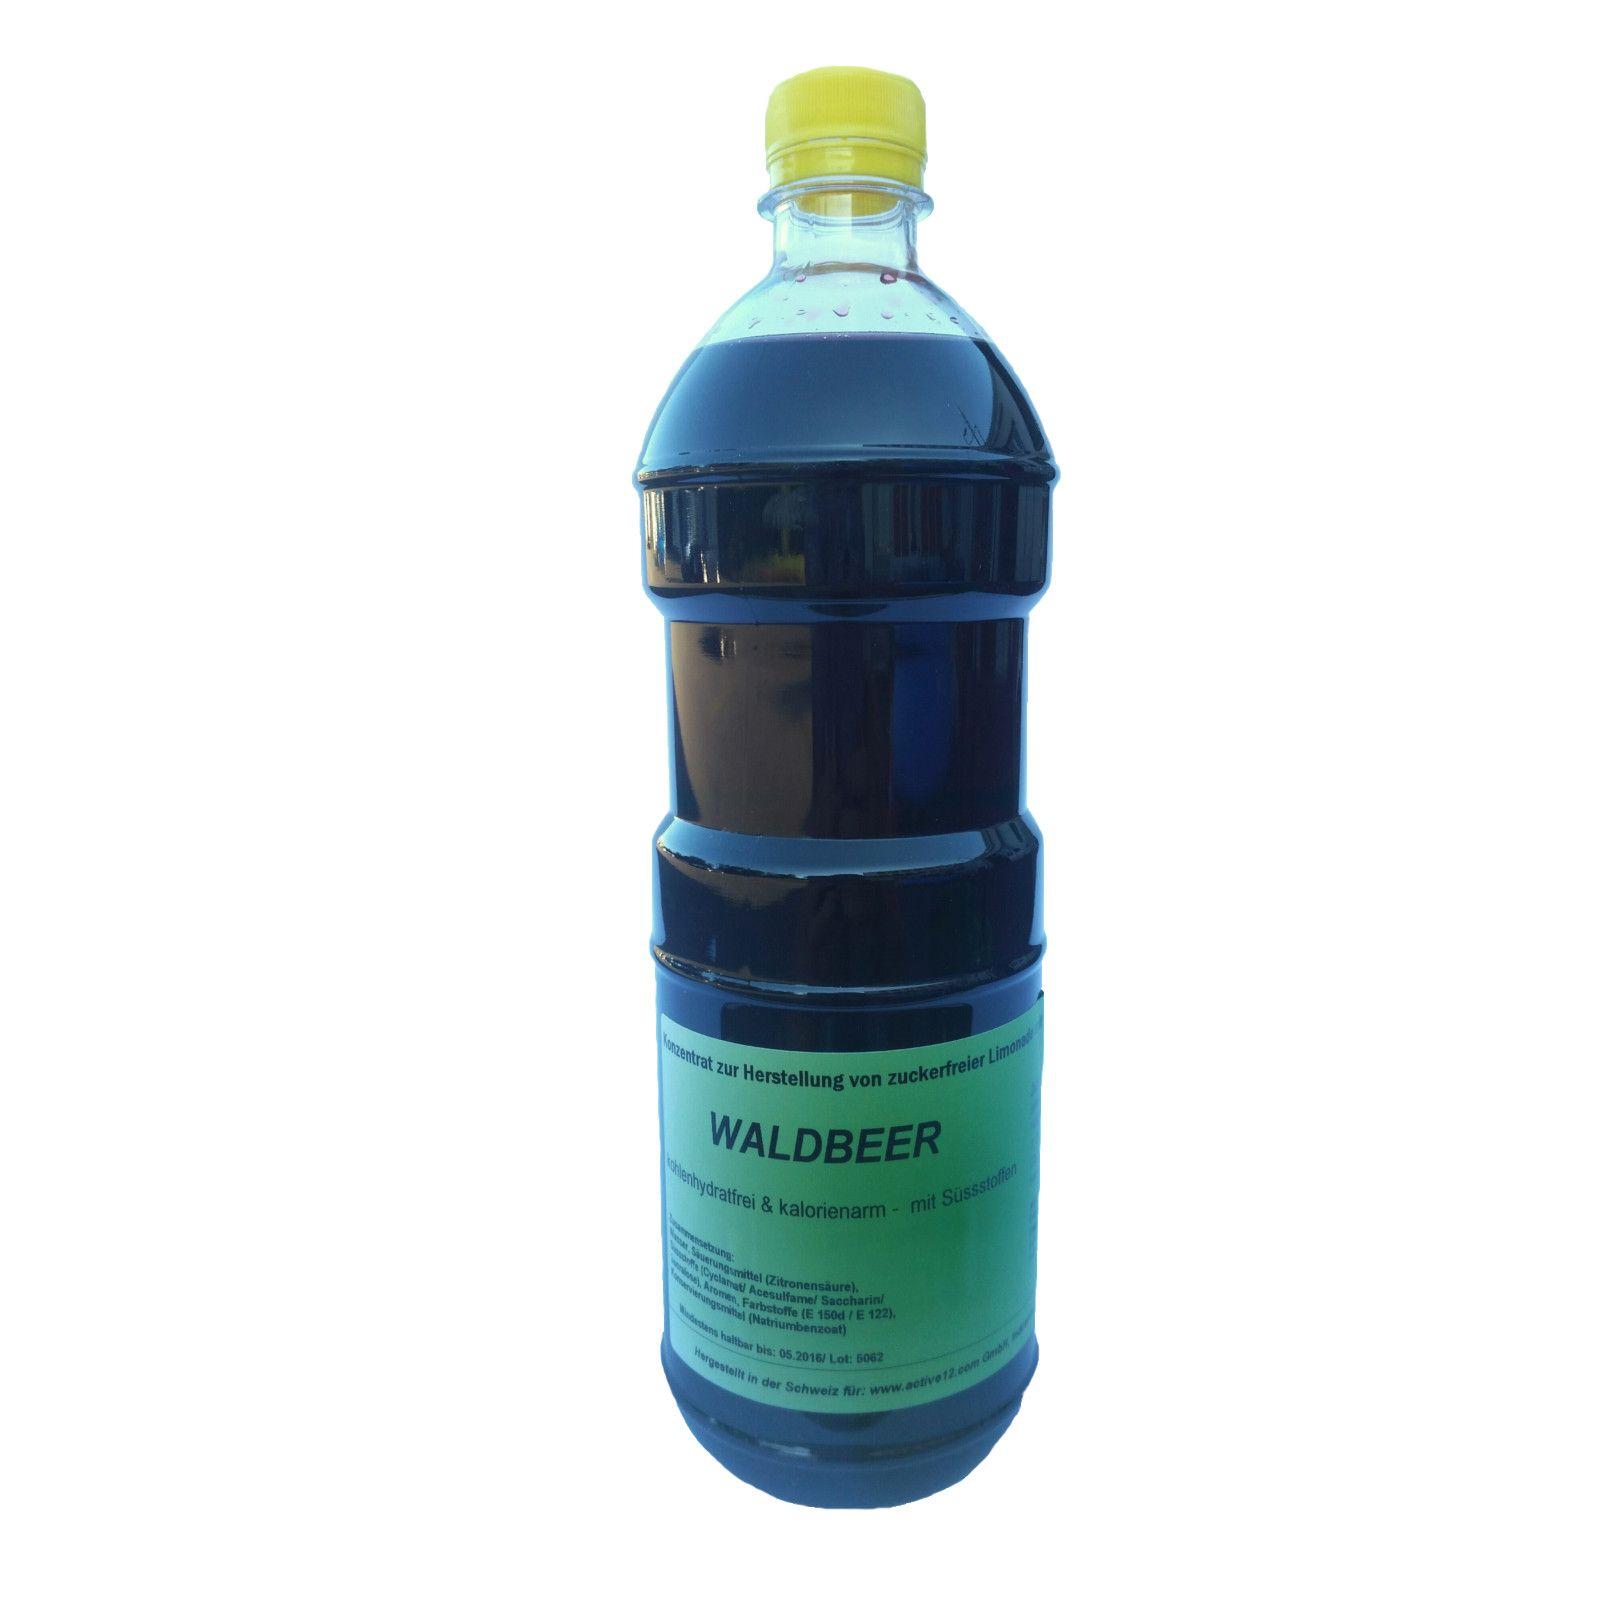 Getränke-Konzentrat AROMA WALDBEER ist wieder da - ohne ...